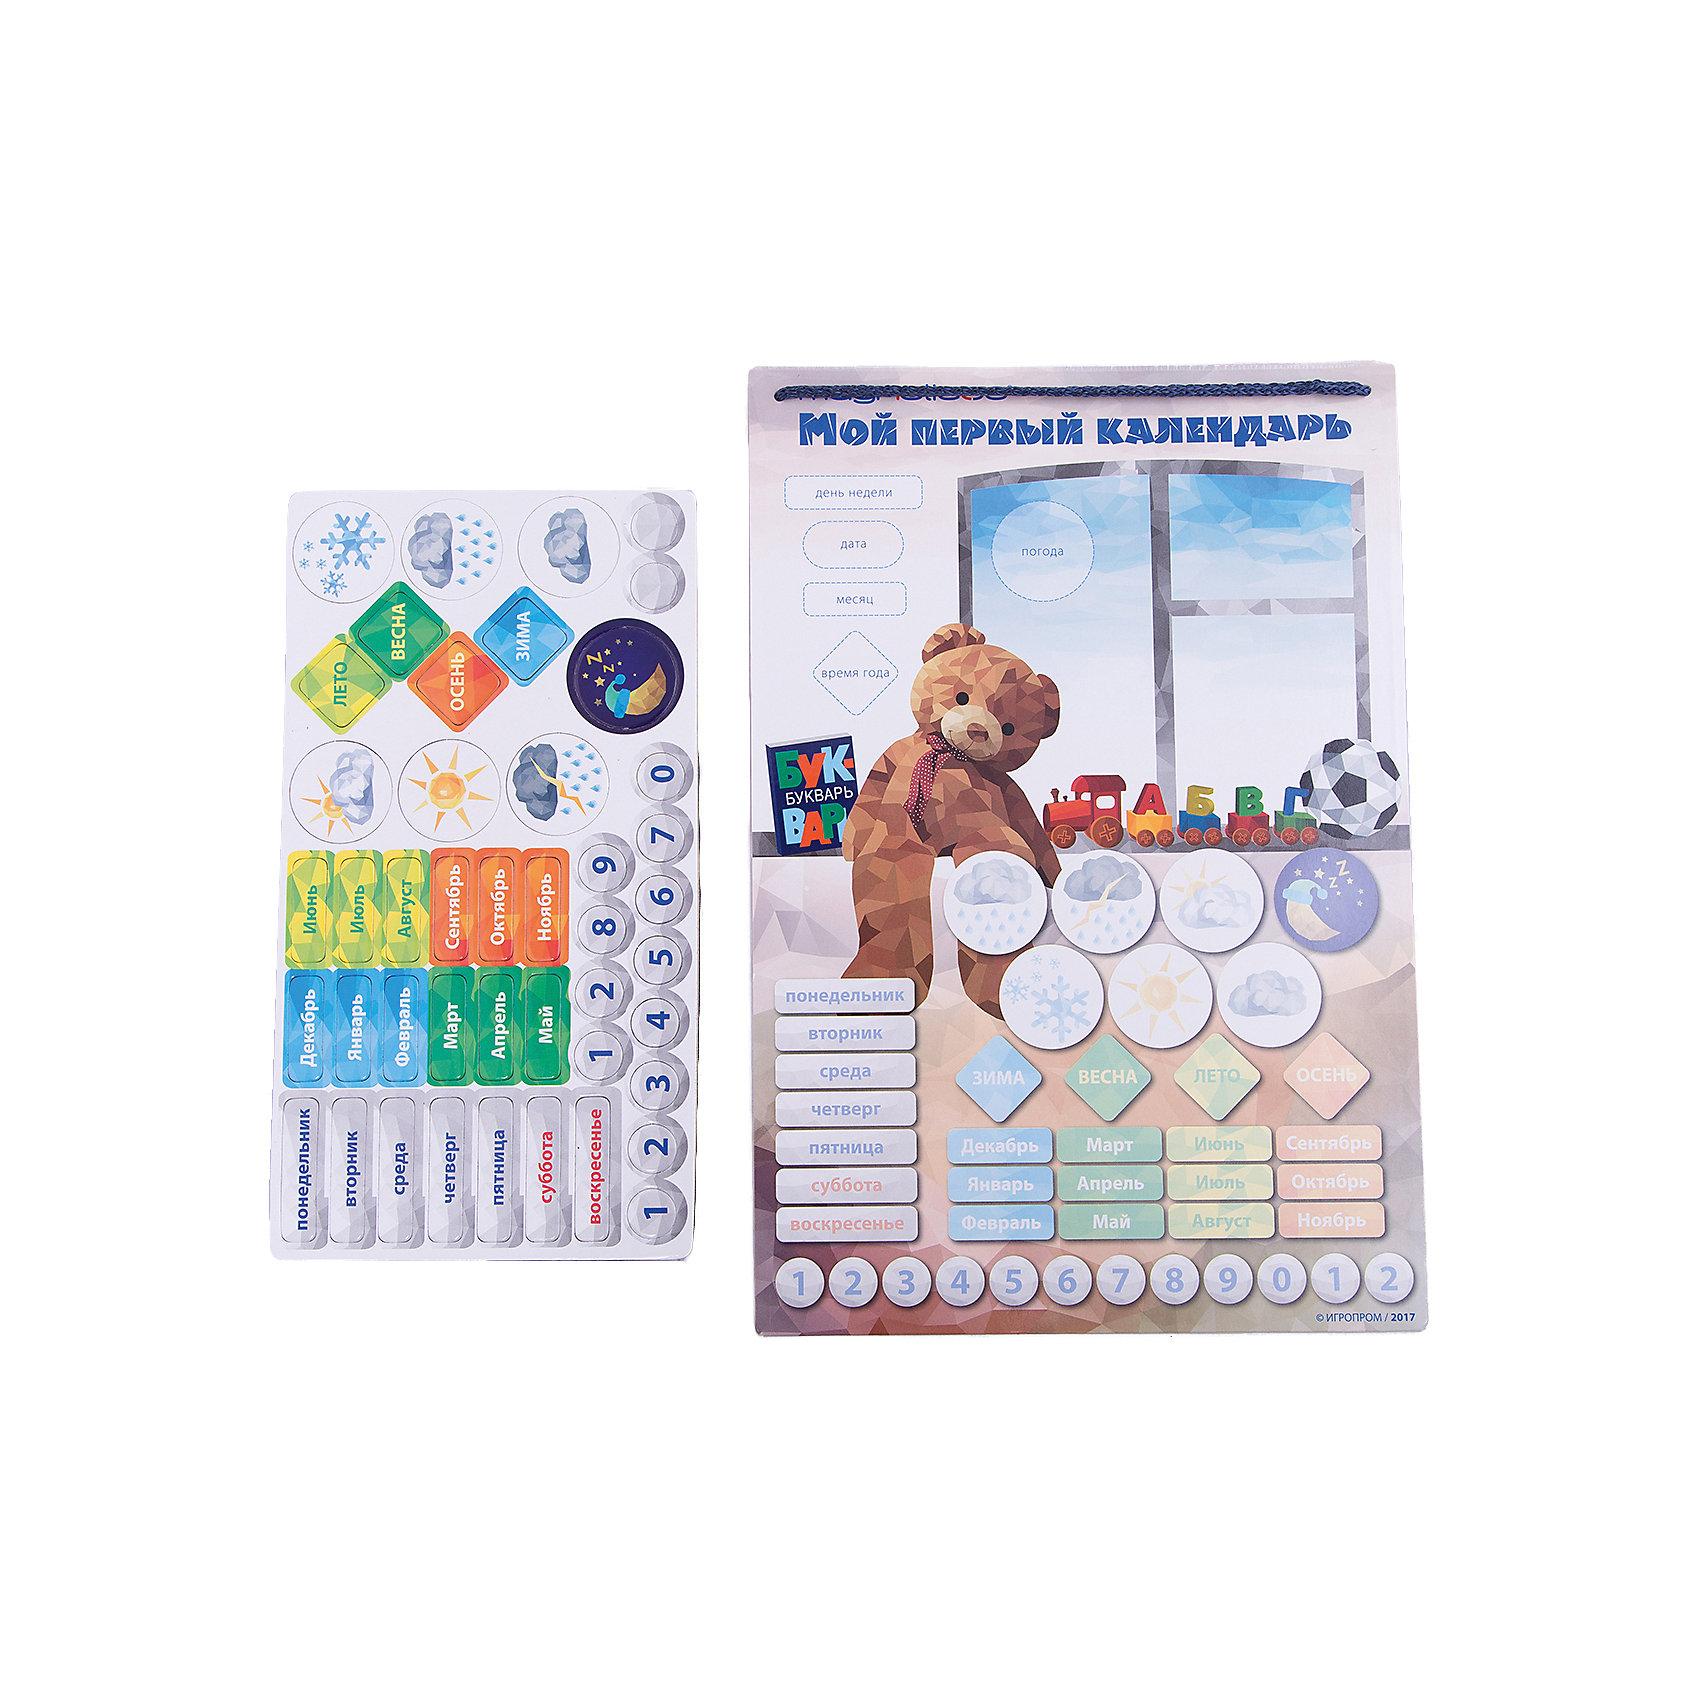 Игровой обучающий набор  Мой Первый  КалендарьРазвивающие игрушки<br>Характеристики:<br><br>• магнитные детали хорошо крепятся к магнитной основе;<br>• размер игрового поля: 25,5х37,5 см;<br>• материал: пластик, магнит, полимер;<br>• размер упаковки: 32х1х40 см. <br><br>Обыграть изучение времен года, дней недели и названия месяцев поможет игровой набор «Мой первый календарь». Цветное табло с магнитной основой позволяет закрепить карточки-магнитики, ориентироваться, какой сегодня день, месяц, какая погода за окном. Доска достижений поможет закрепить результат, отметить важные дела и задания, поставить перед собой цель и собирать звезды для достижения заданной цели. <br><br>Комплектация игрового набора Magneticus:<br><br>• игровое магнитное поле, <br>• карточки «времена года», 4 шт.;<br>• карточки «погода», 6 шт.;<br>• карточки «месяцы», 12 шт.;<br>• карточки «дни недели», 7 шт.;<br>• карточки «числа», от 0 до 9;<br>• правила игры.<br><br>Игровой обучающий набор Мой Первый Календарь можно купить в нашем магазине.<br><br>Ширина мм: 380<br>Глубина мм: 10<br>Высота мм: 260<br>Вес г: 350<br>Возраст от месяцев: 36<br>Возраст до месяцев: 84<br>Пол: Унисекс<br>Возраст: Детский<br>SKU: 5238559